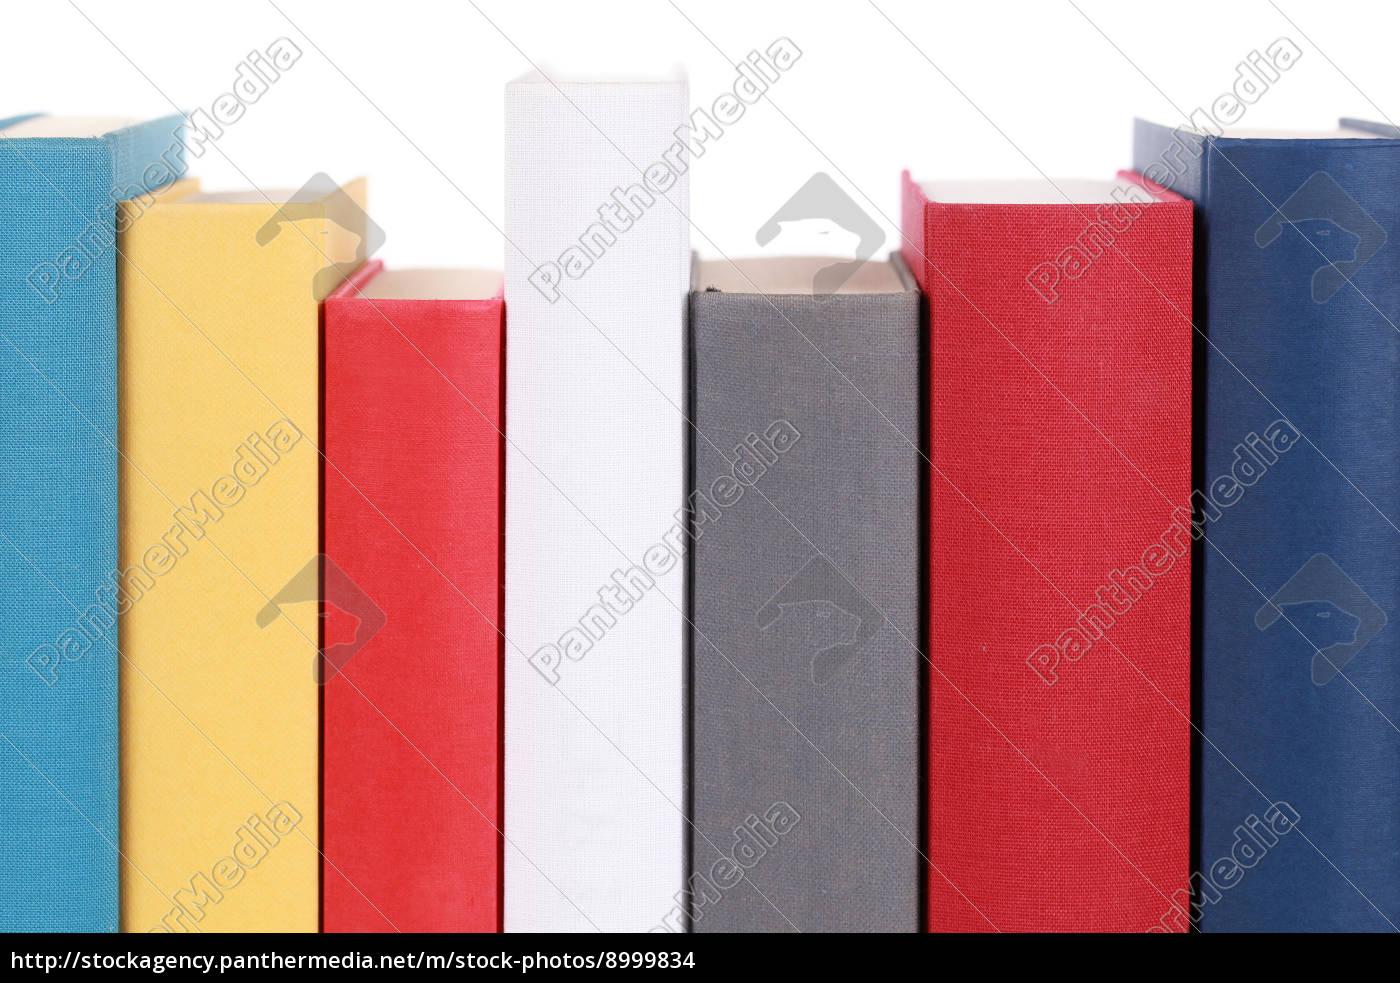 libros - 8999834